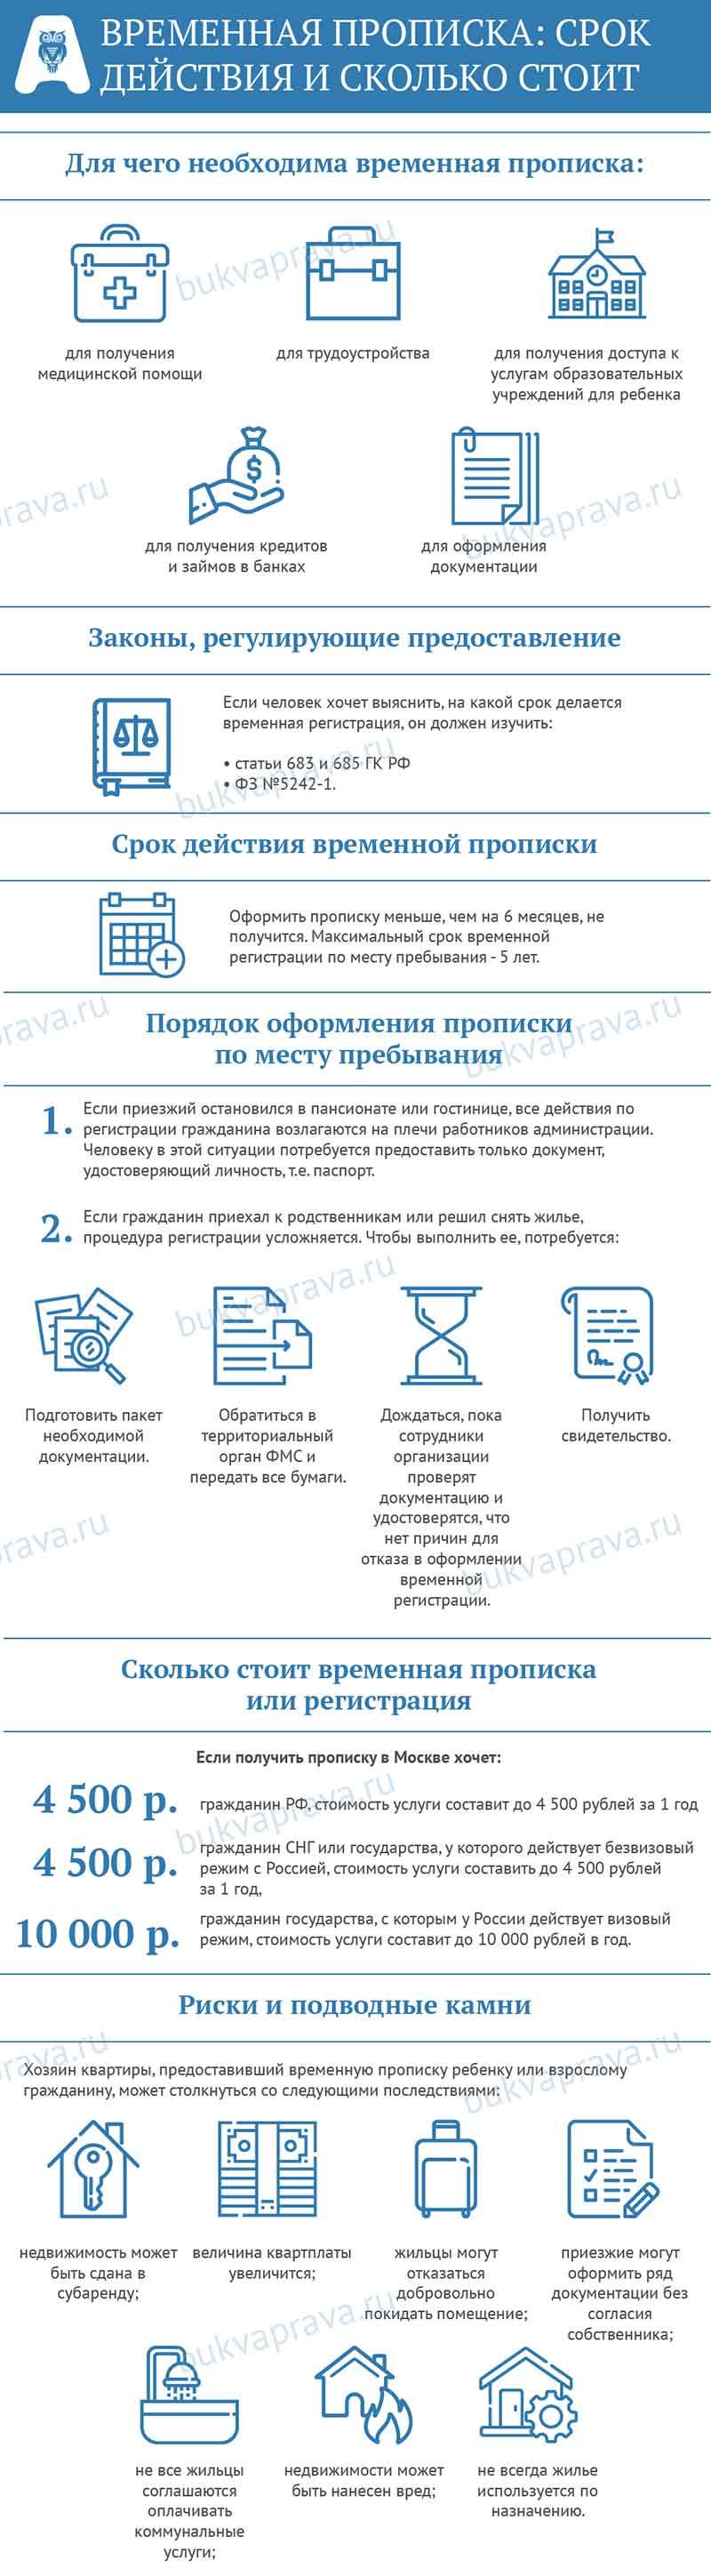 Как сделать временную регистрацию в новосибирске регистрация в питере для граждан рб